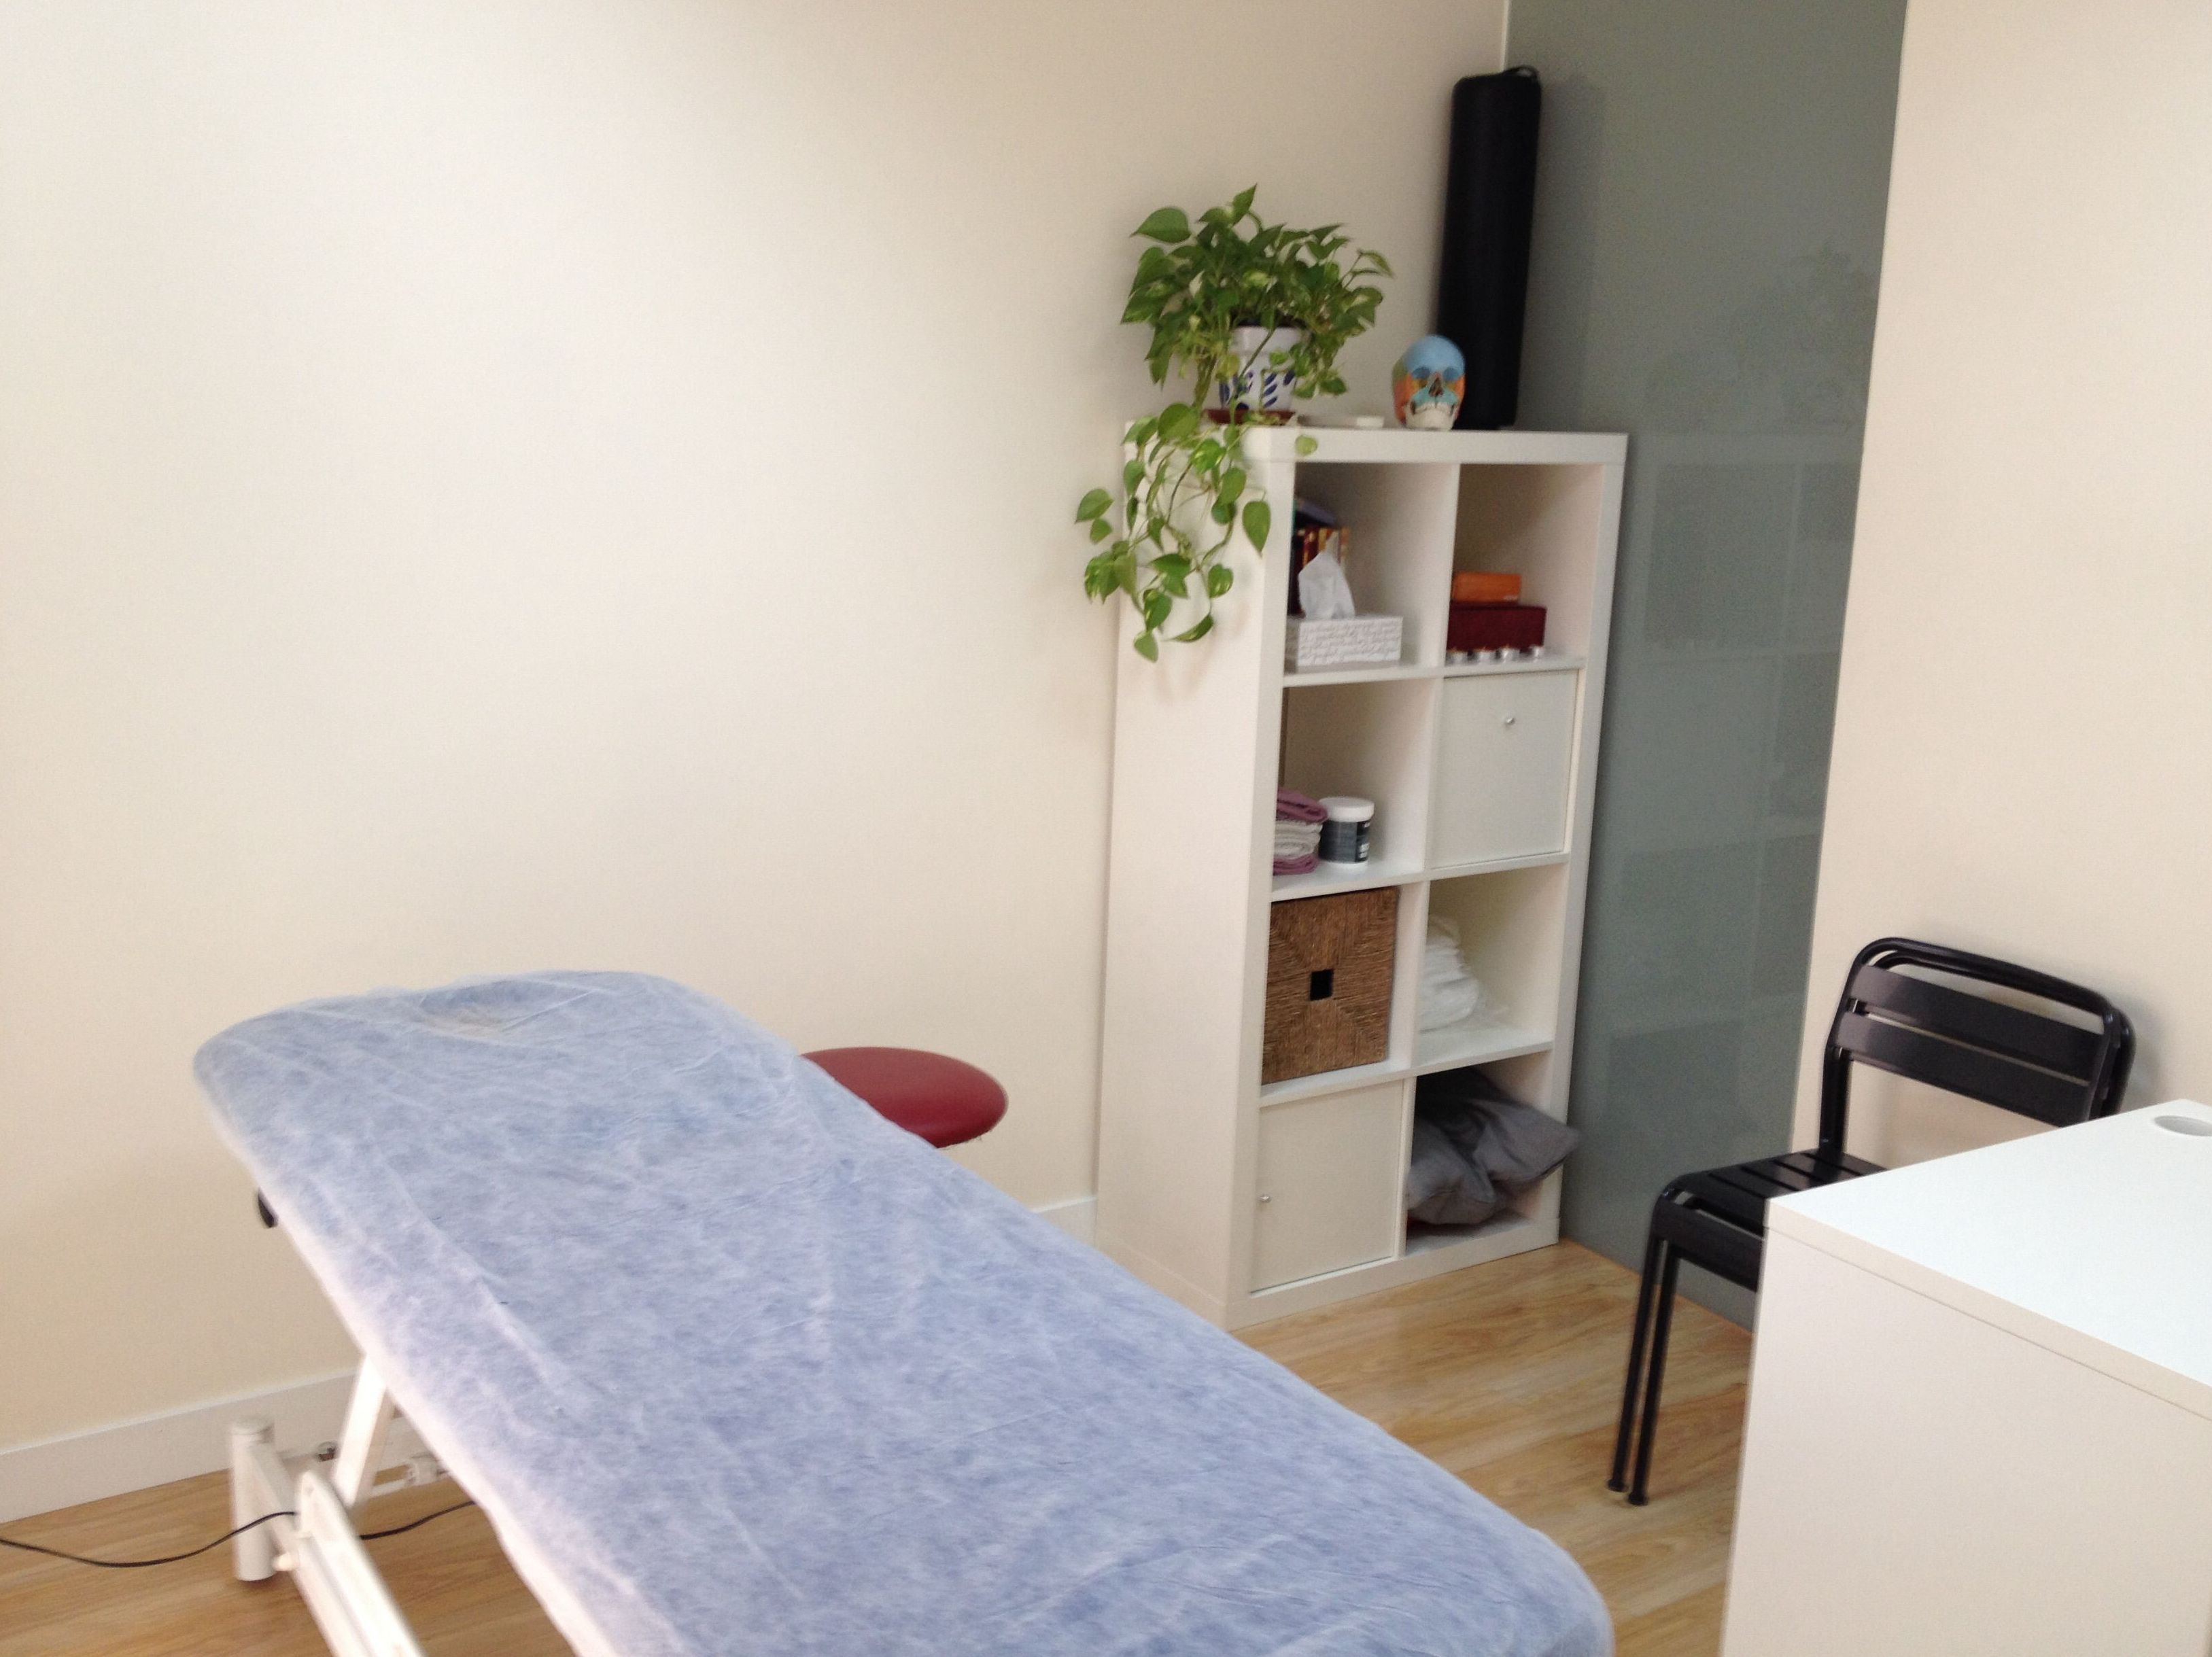 Foto 9 de Fisioterapia en Madrid | MQ Fisioterapia